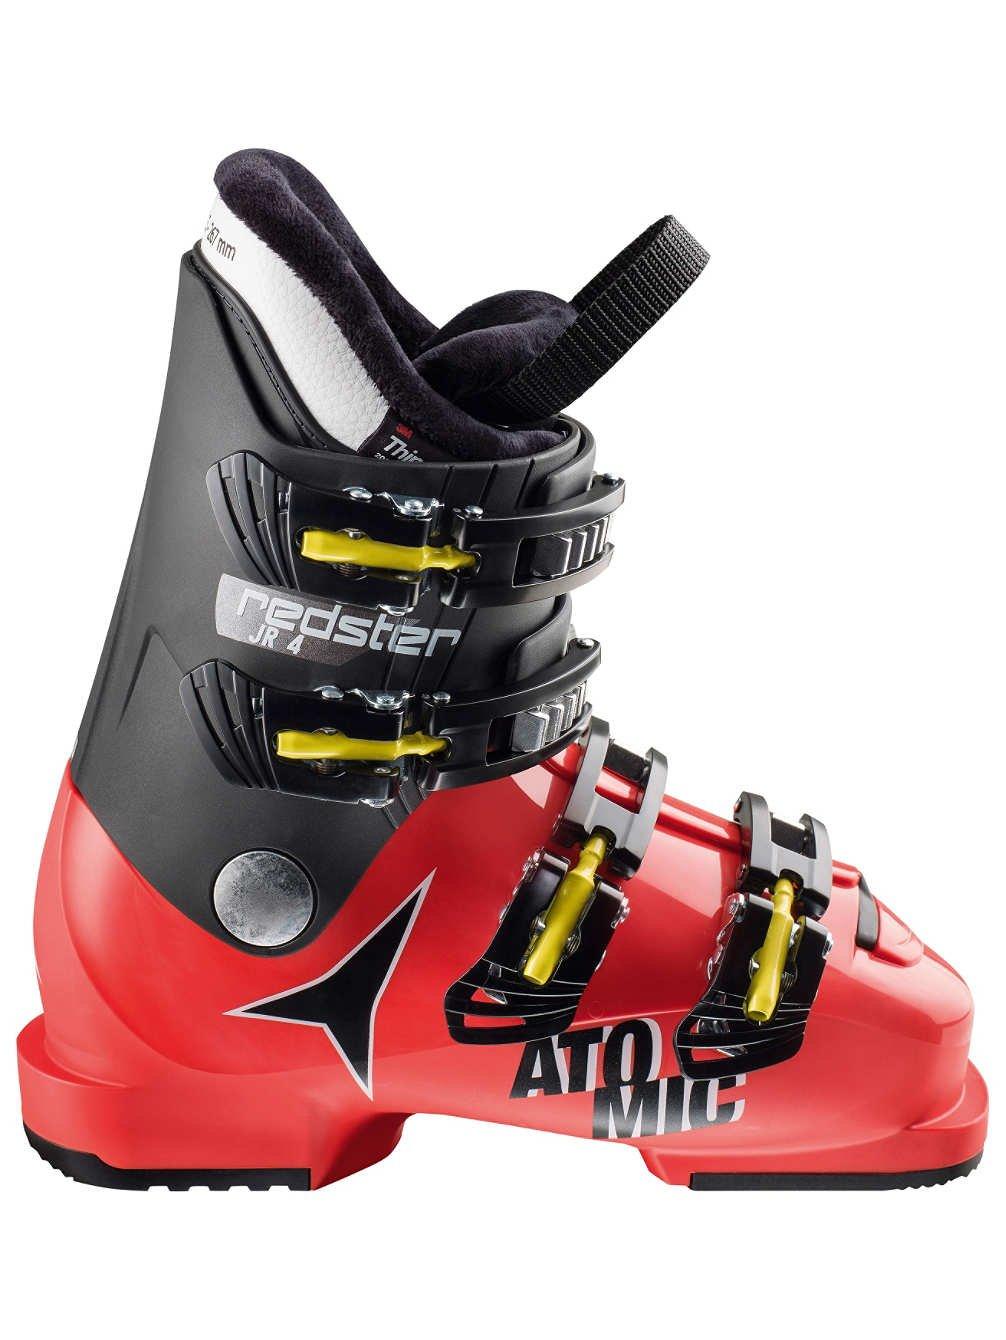 Atomic Kinder Skischuh Redster 4 2015 Youth